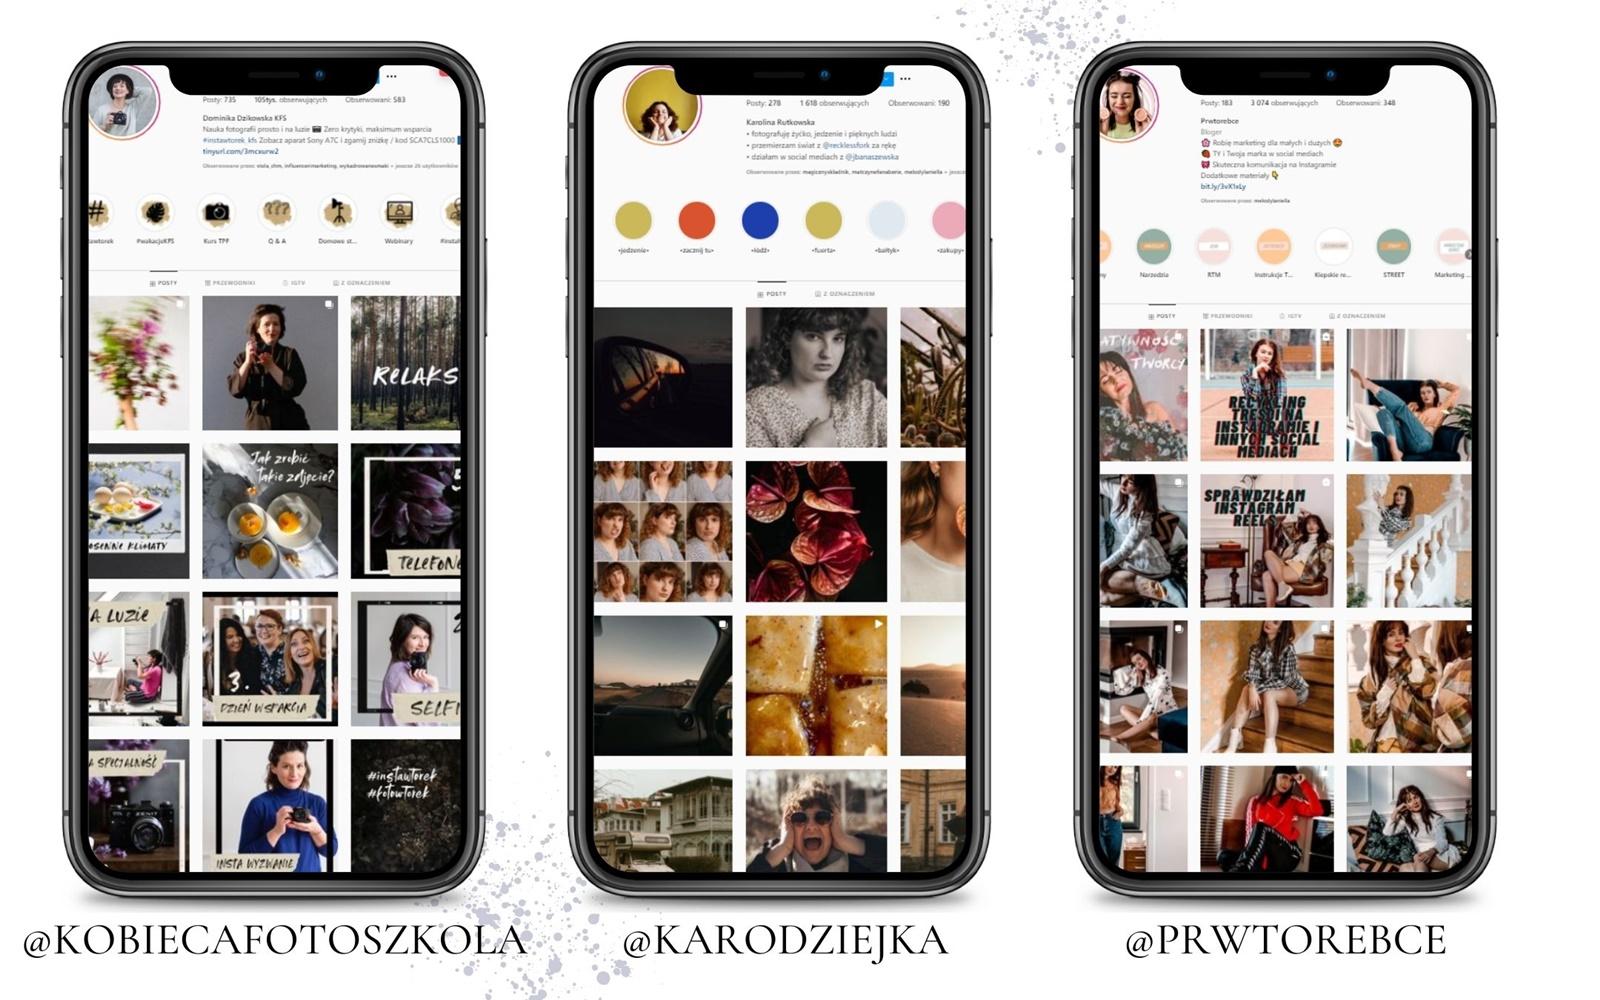 7 przyklady kont biznesowych jak planowac publikacje na instagramie jak obrabiac zdjecia jak zaplanowac spojny feed na profilu na instagramie dla marki bloga blogerki modelki fotografa